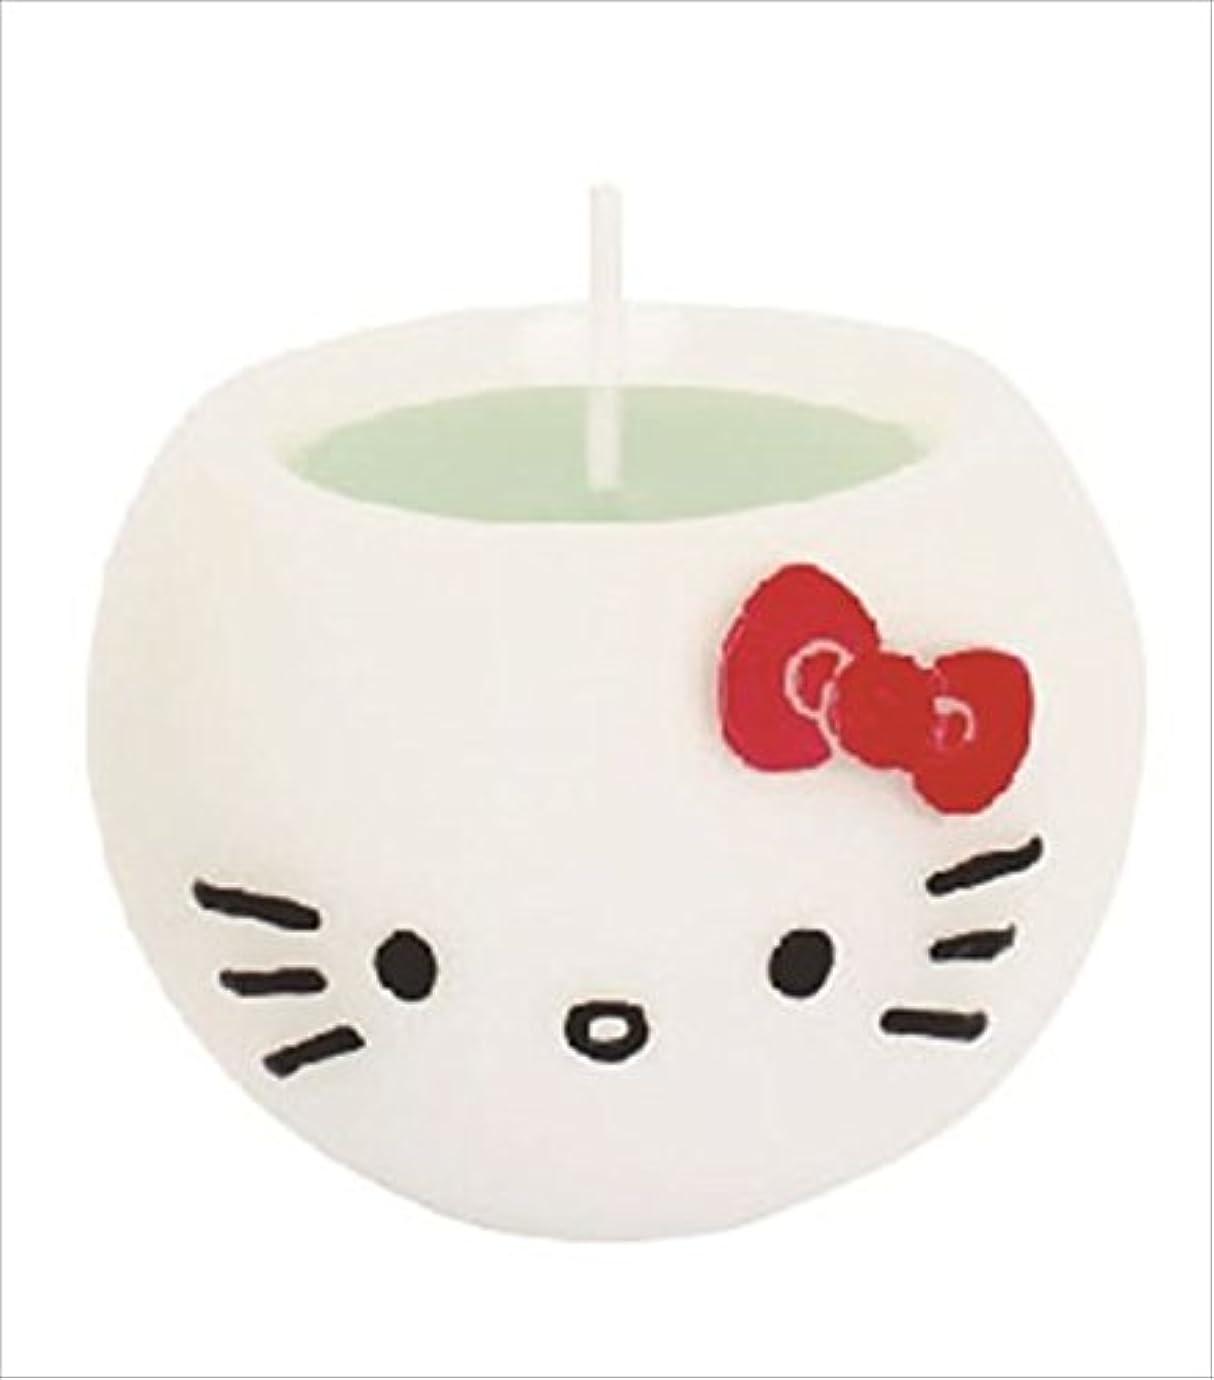 終わったスロープ飢えたkameyama candle(カメヤマキャンドル) ハローキティアロマキャンドル 「 アップル 」 キャンドル 58x58x45mm (A6980530)